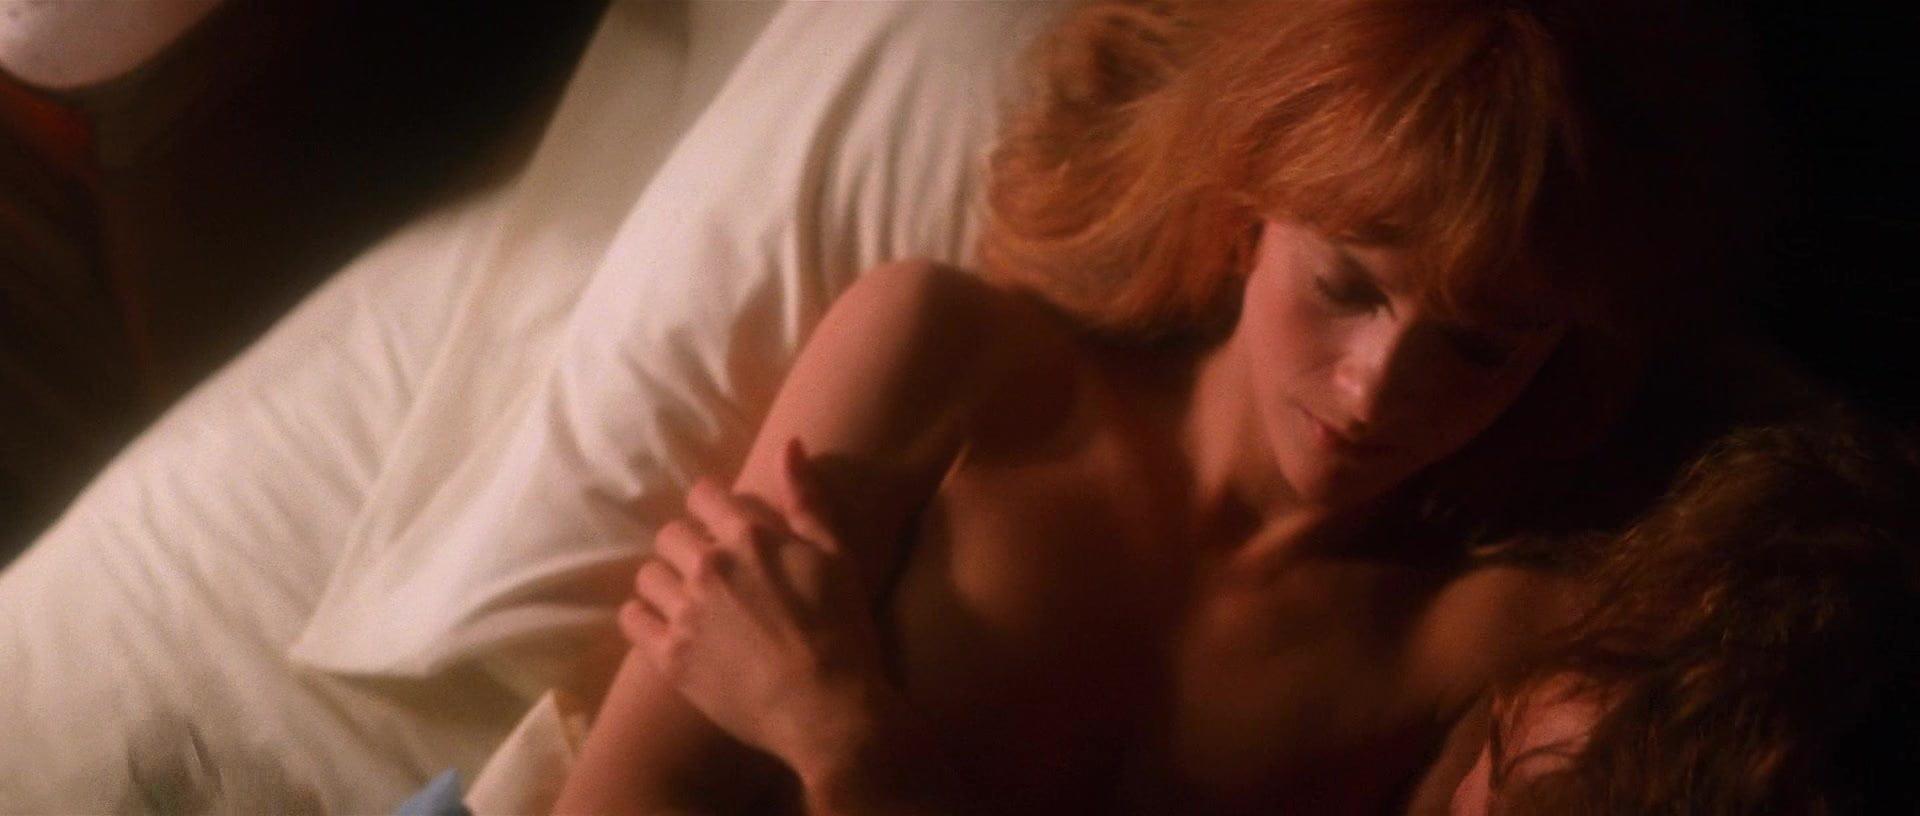 Meg Ryan Nude In The Doors Hd